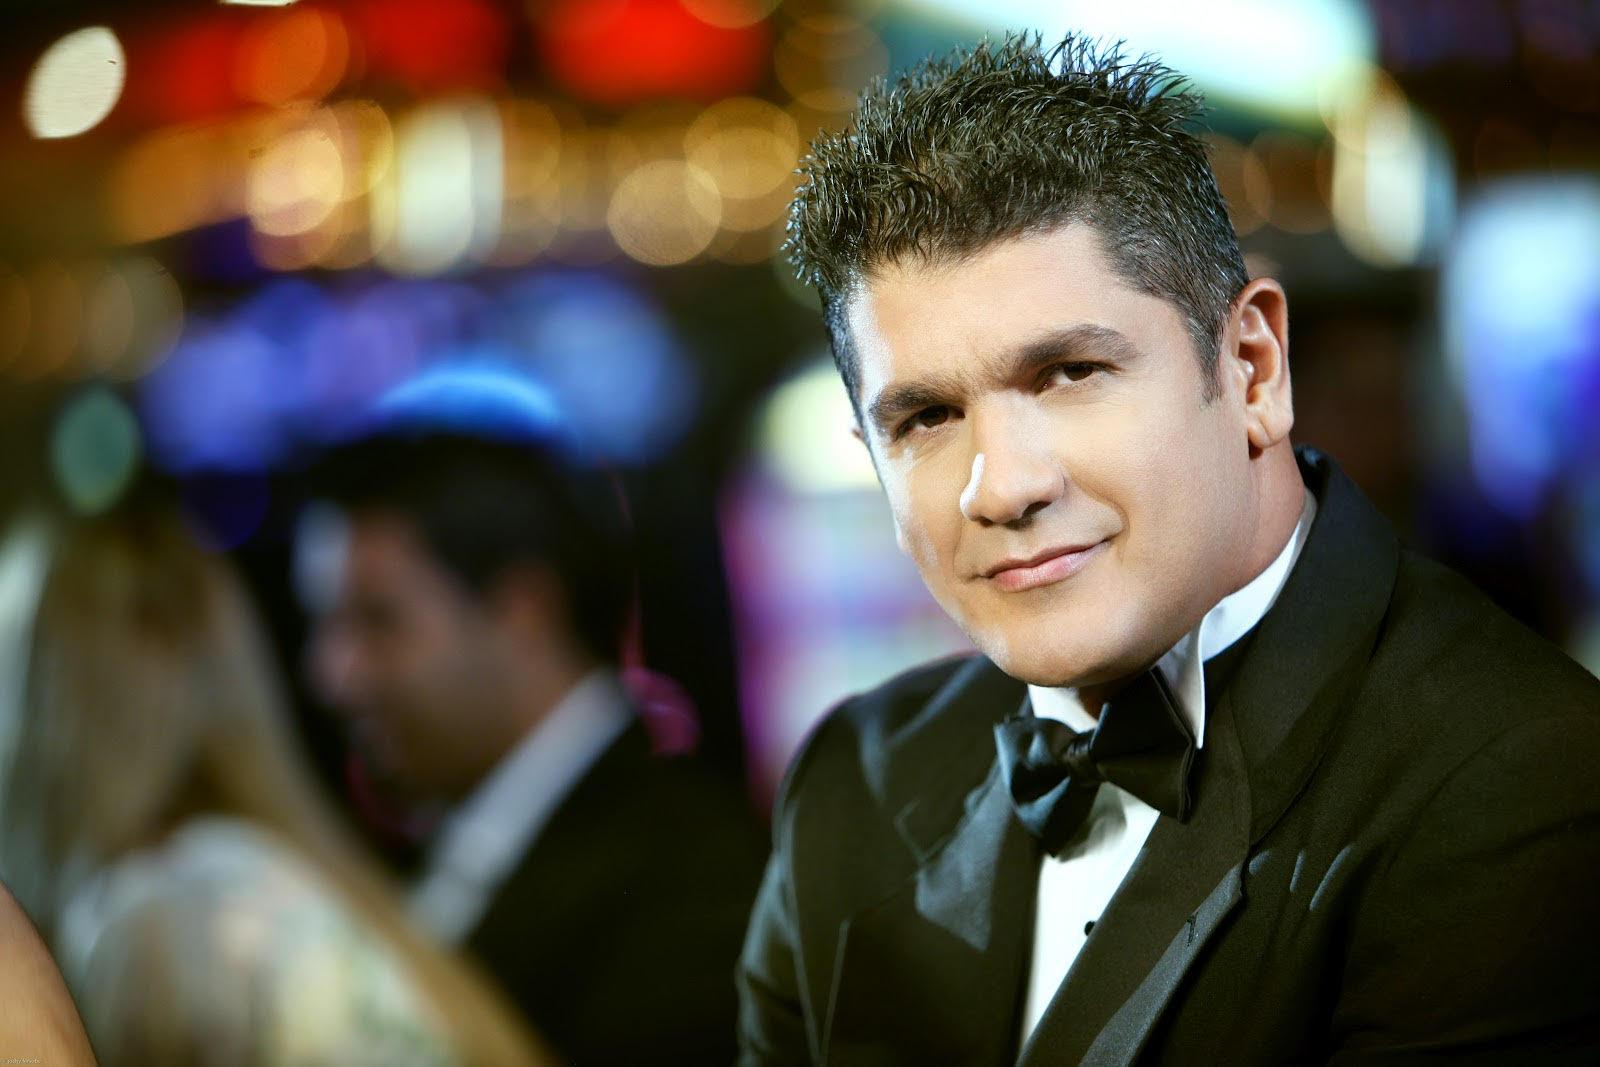 Eddy Herrera le canta a la mujer en Jalao